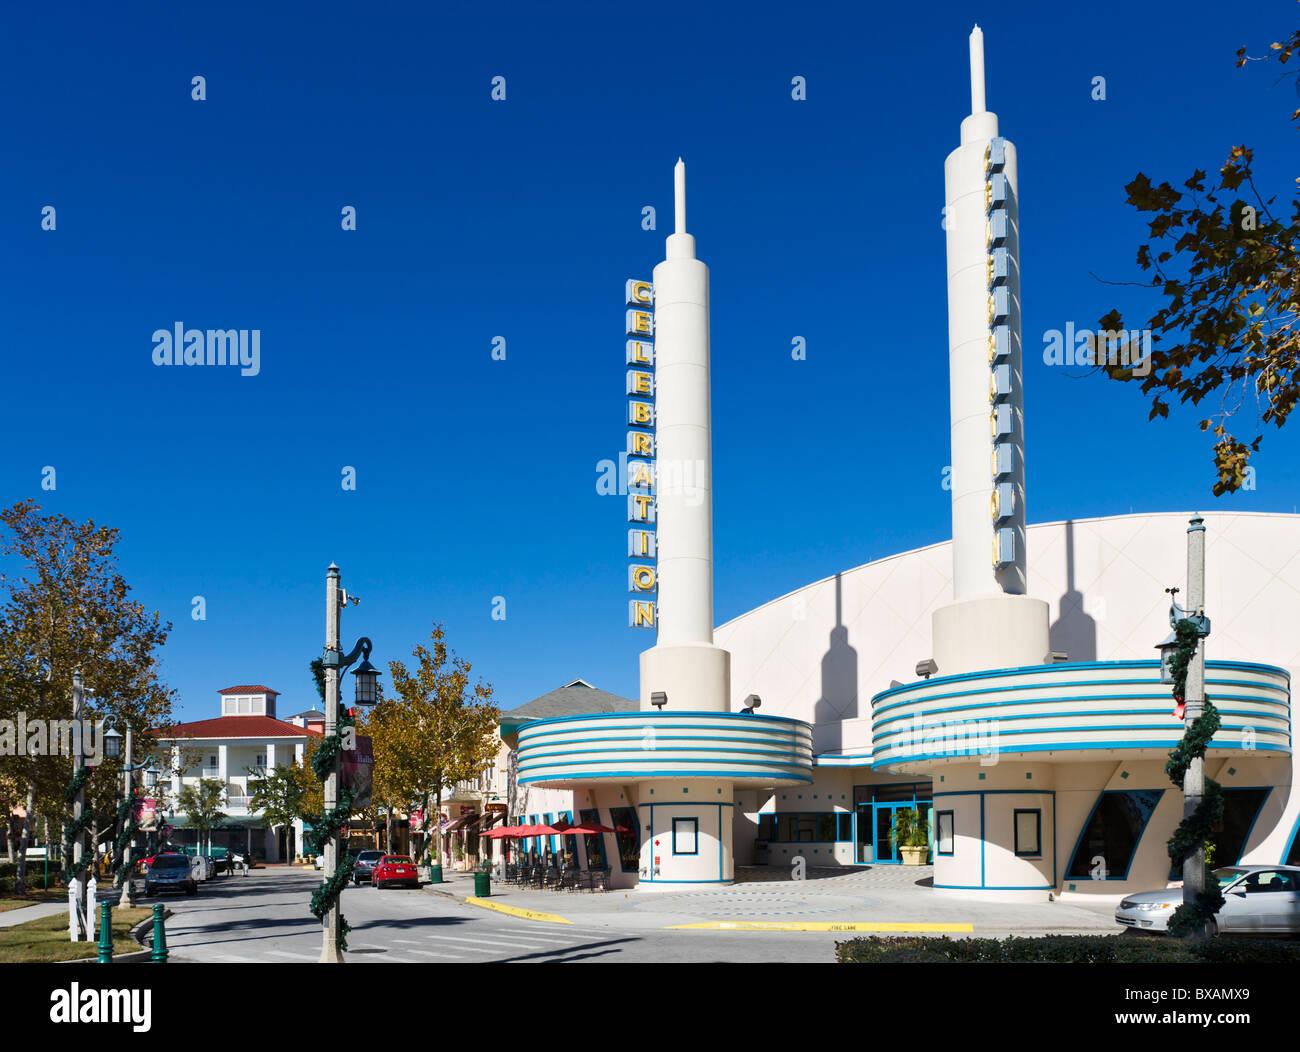 Kino im Zentrum von Disney Zweck gebaut Township Celebration, Kissimmee, Orlando, Zentral-Florida, USA Stockbild